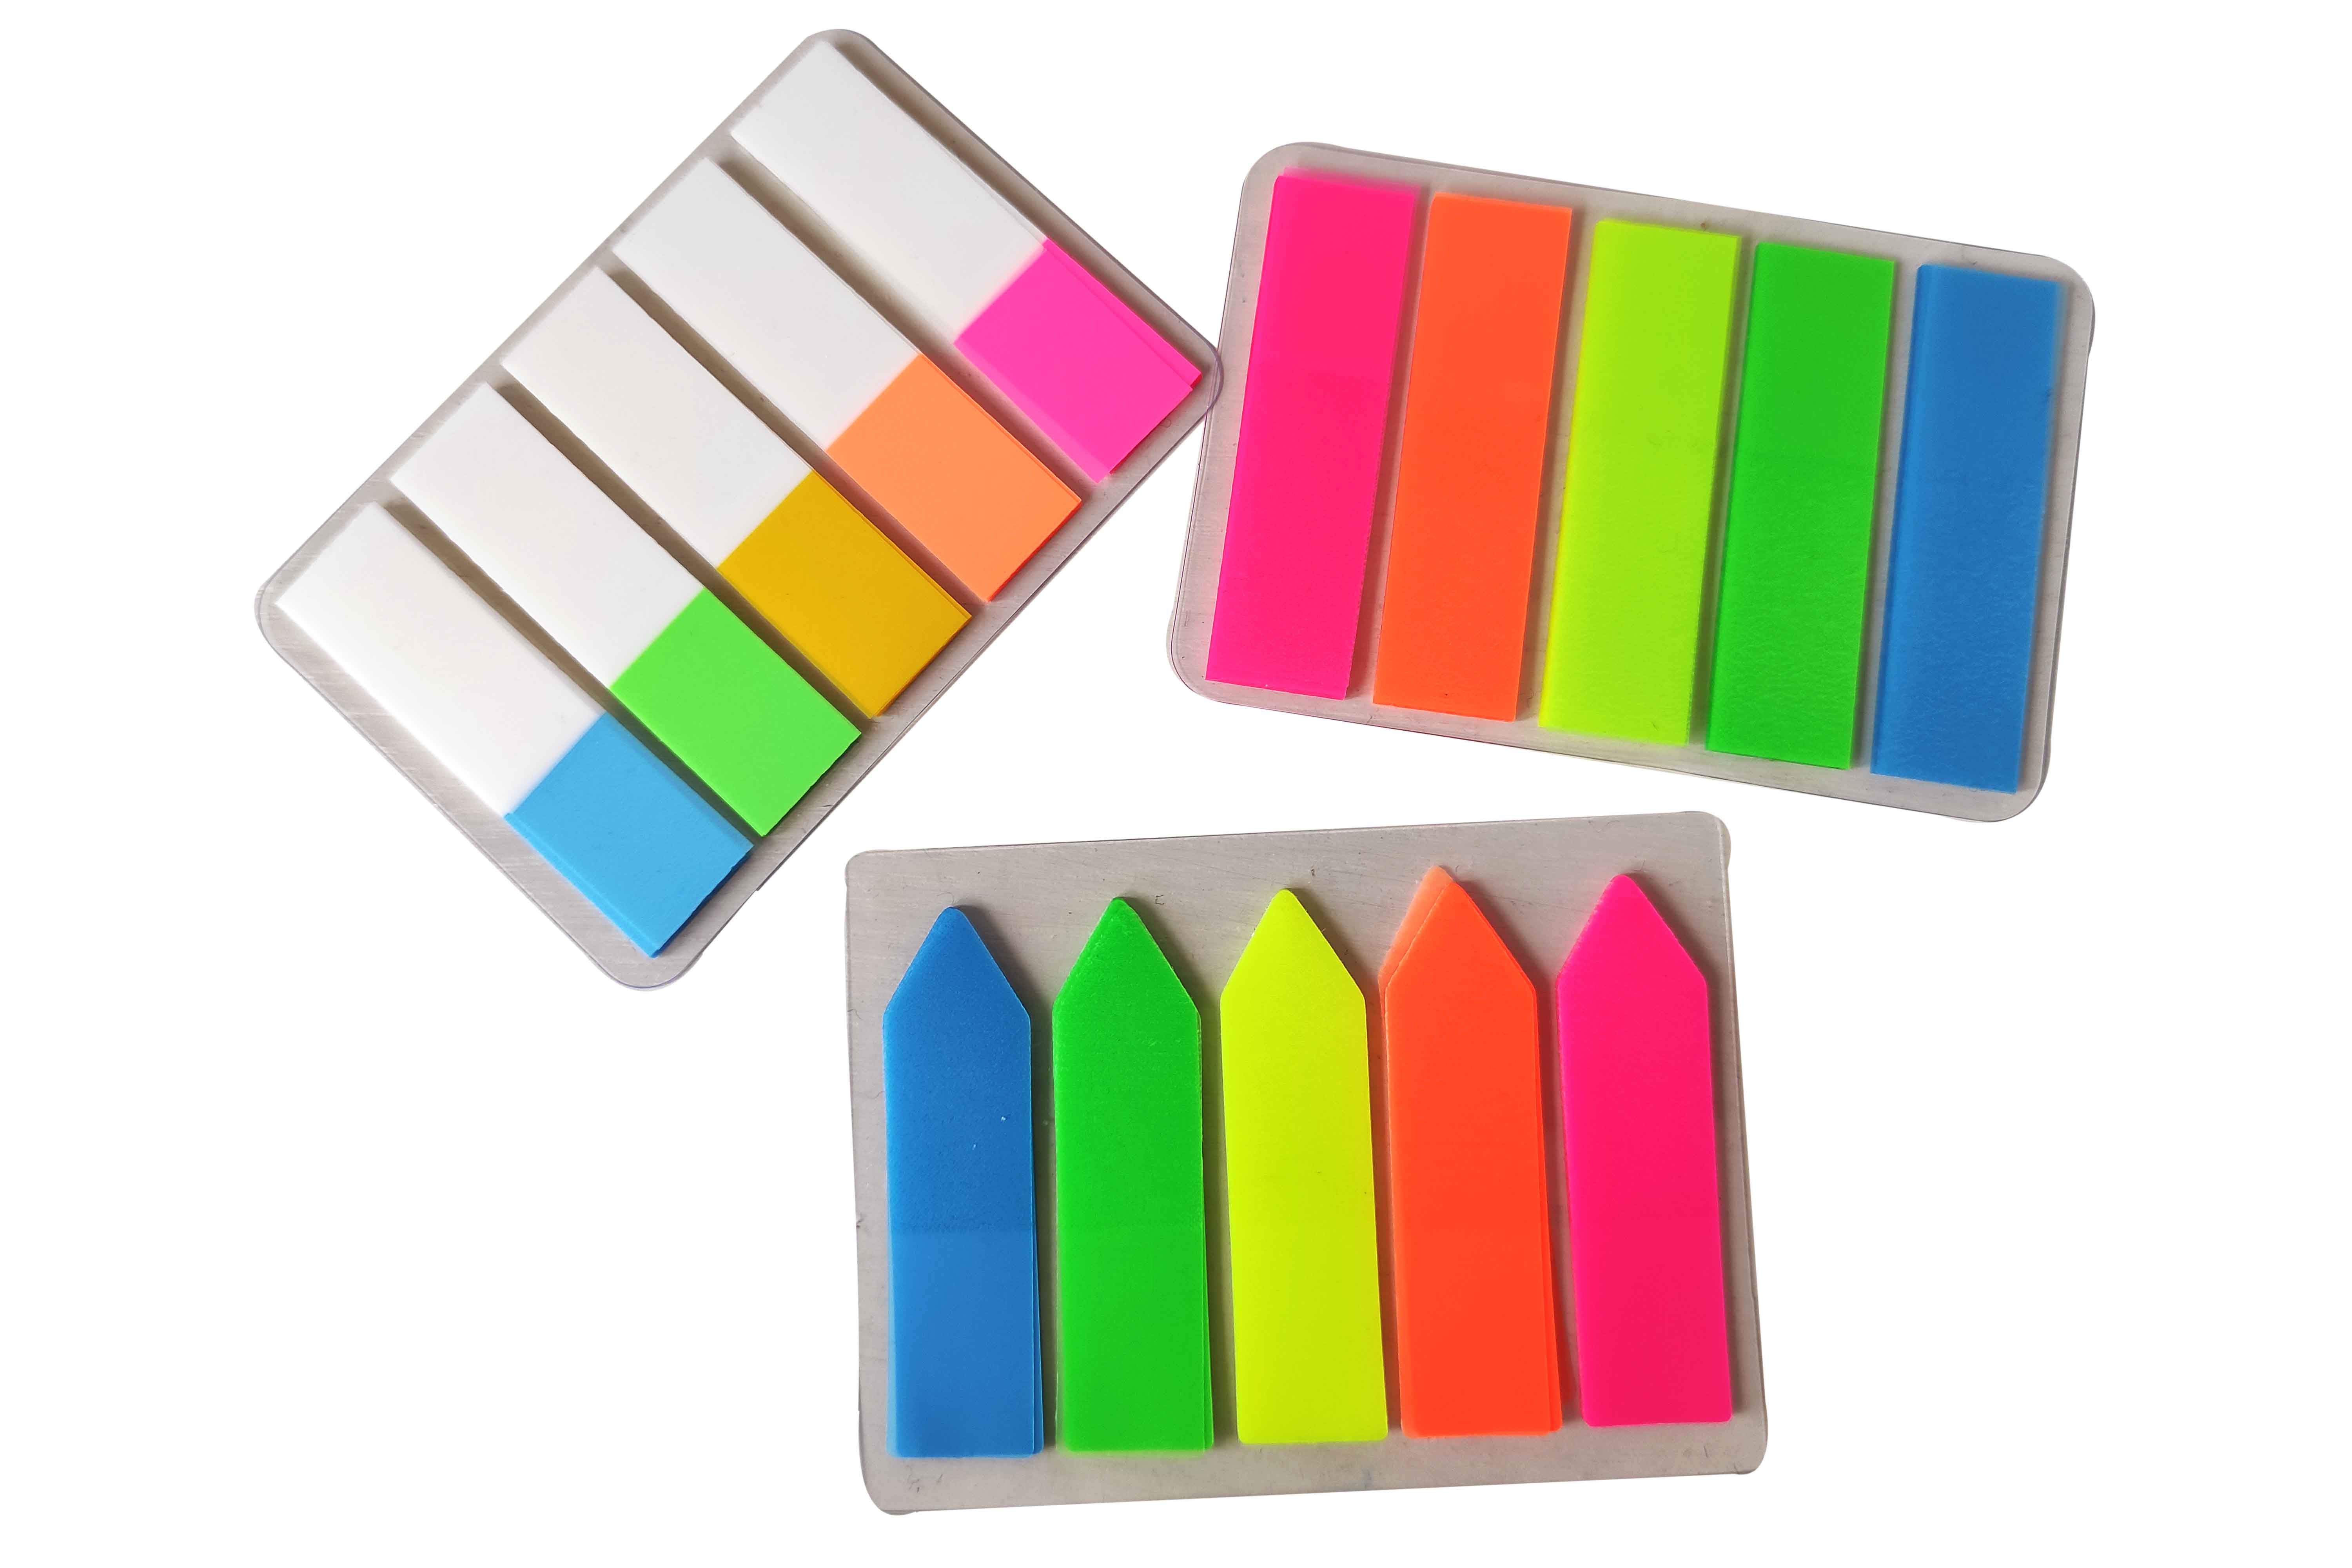 Papel autoadesivo do índice do marcador das notas pegajosas da almofada do memorando do filme da fluorescência colorido para o uso do escritório das escolas